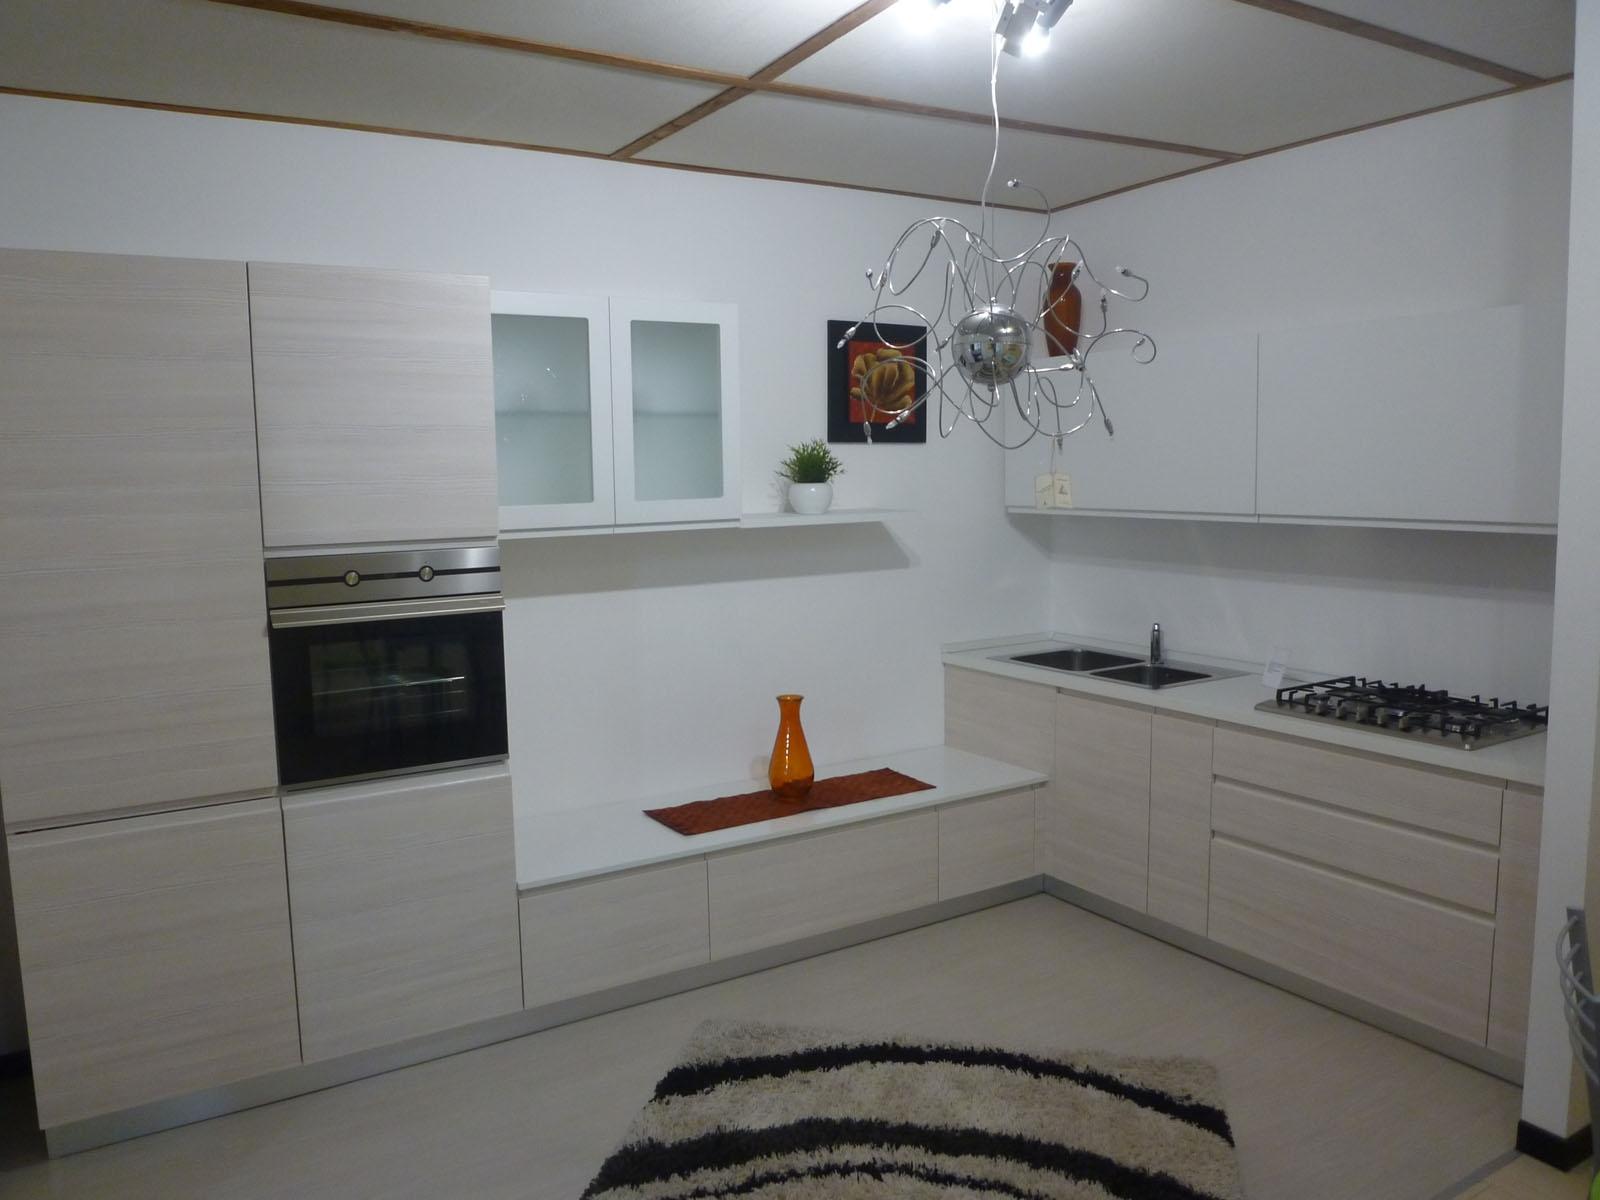 Gentili cucine cucina inca polimerico opaco cucine a prezzi scontati - Pensile angolare cucina ...